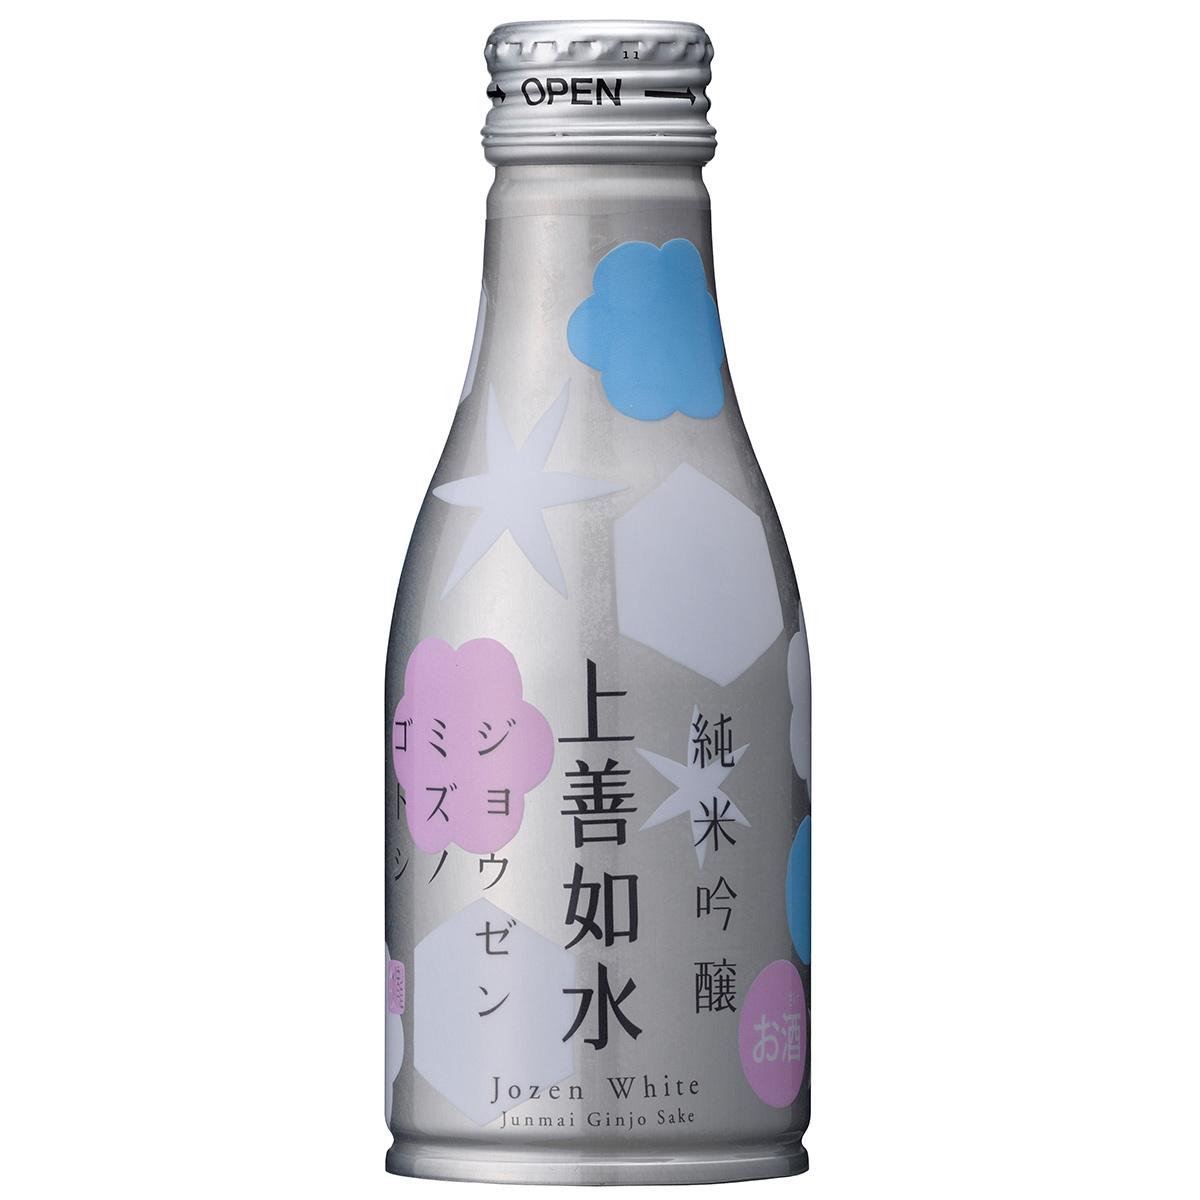 上善如水 純米吟醸 ボトル缶 180ml